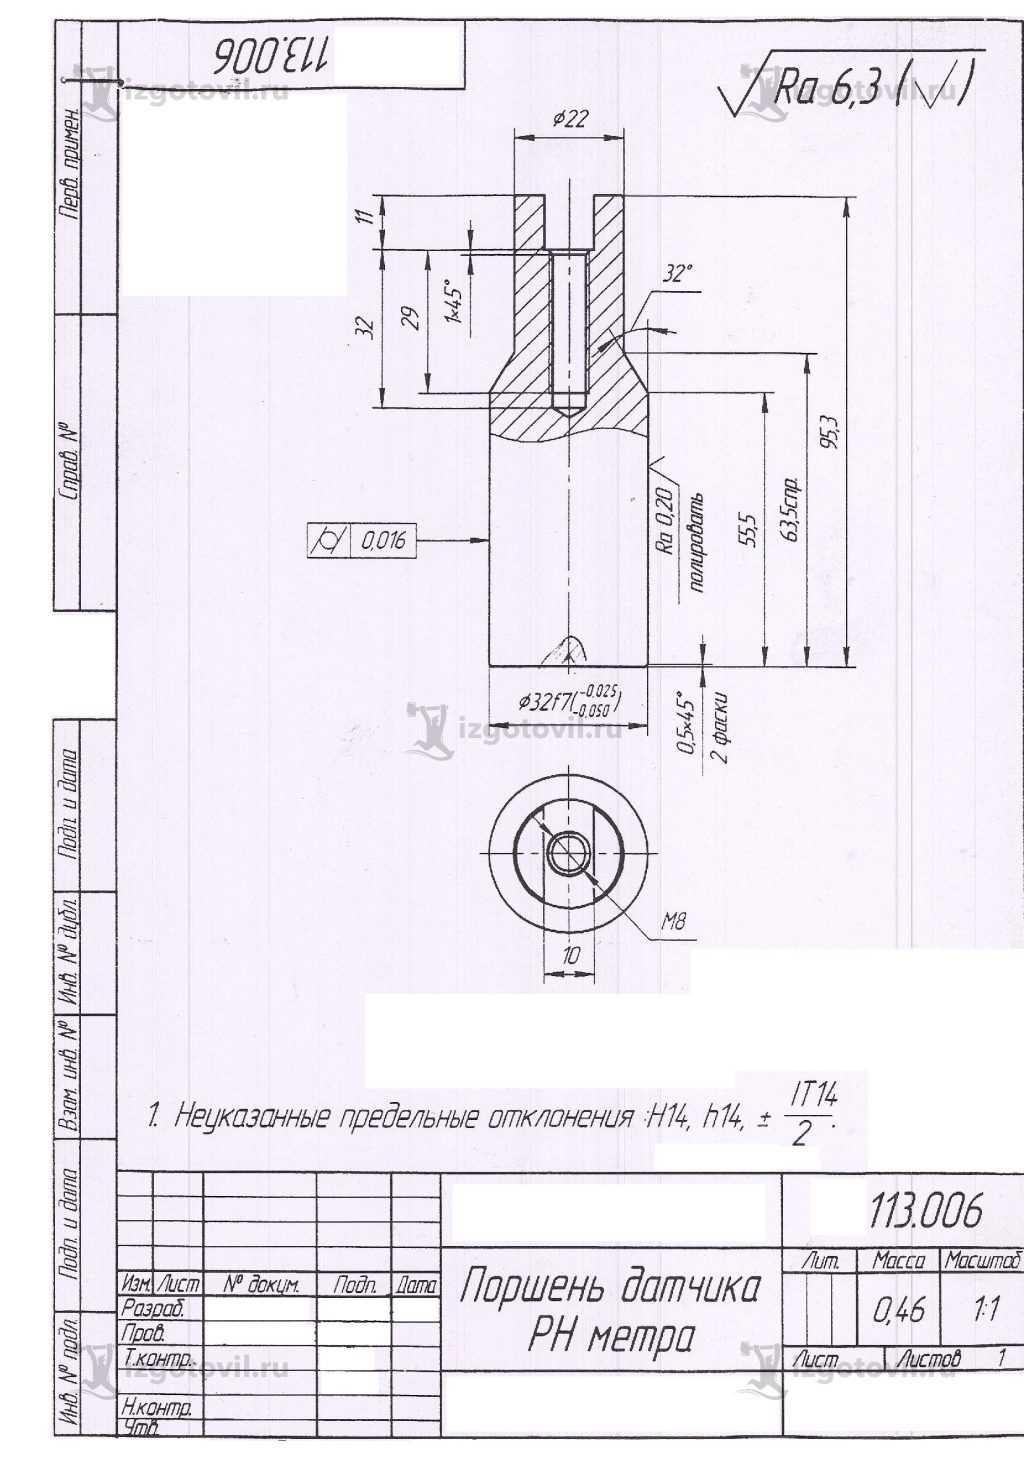 Токарная обработка металла: изготовление поршня и цилиндра датчика